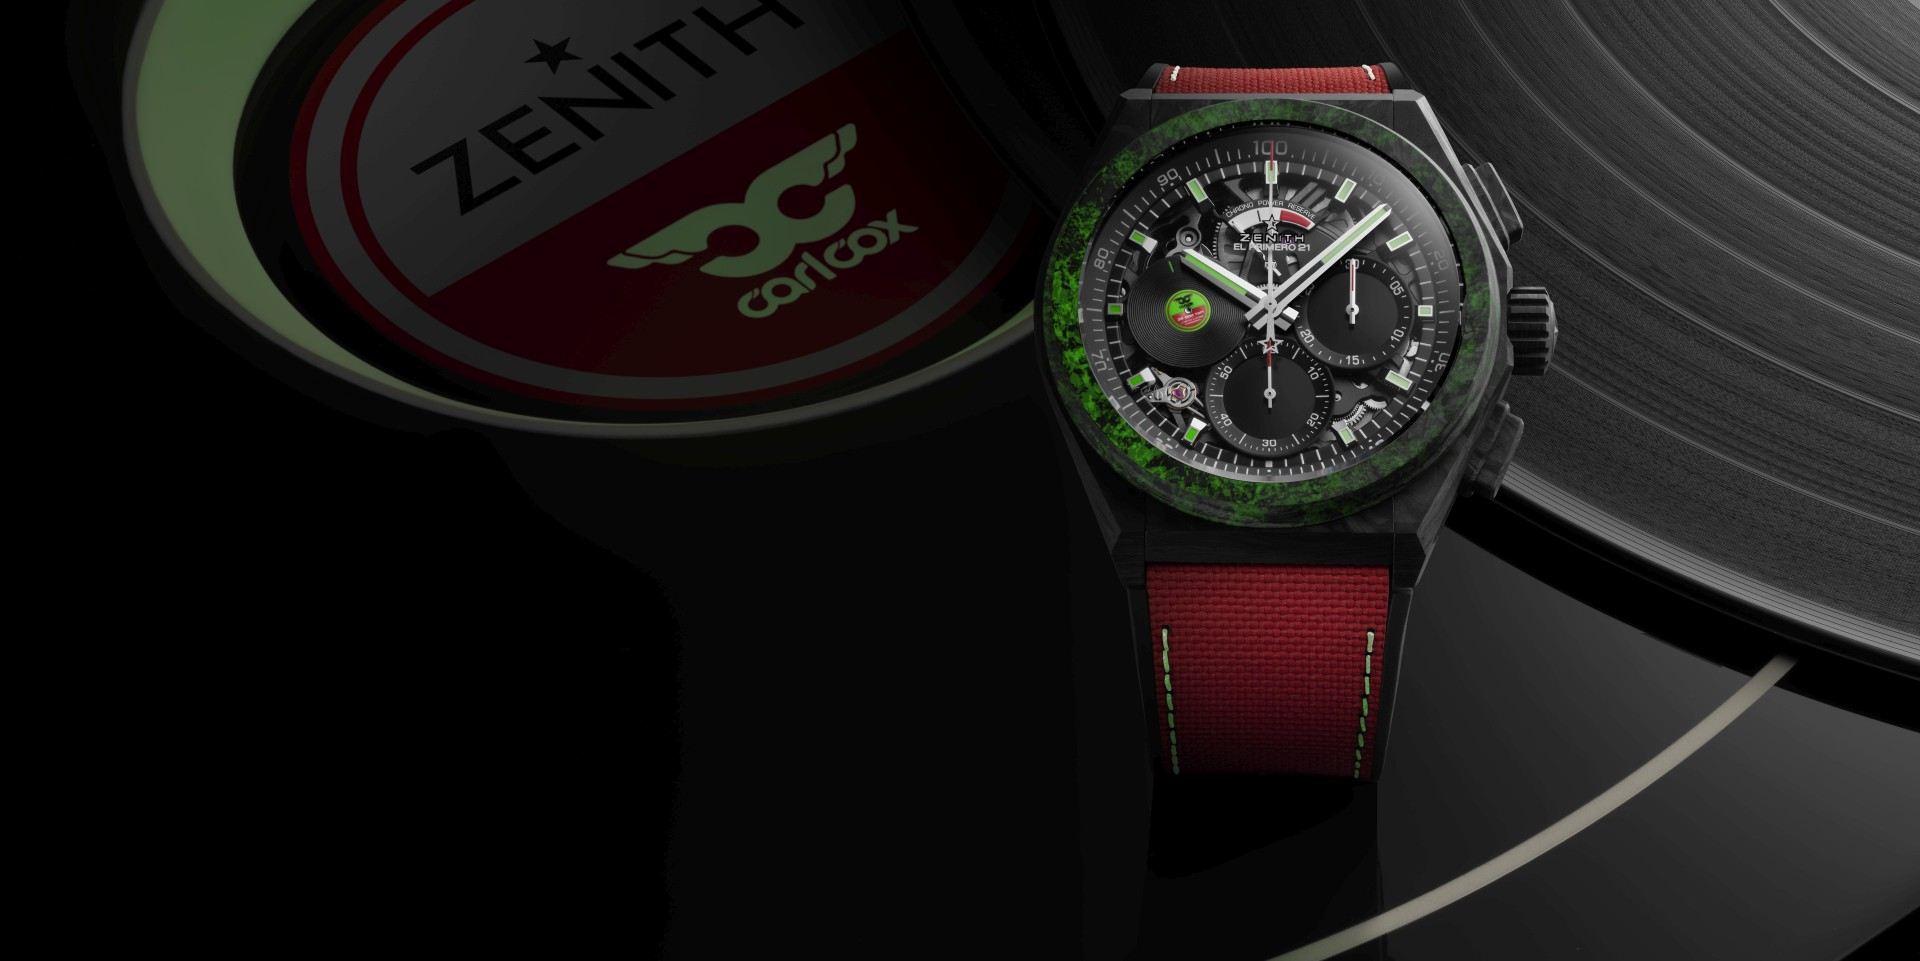 音炫神迷的深度之作:真力時Defy El Primero 21 Carl Cox限量版腕錶